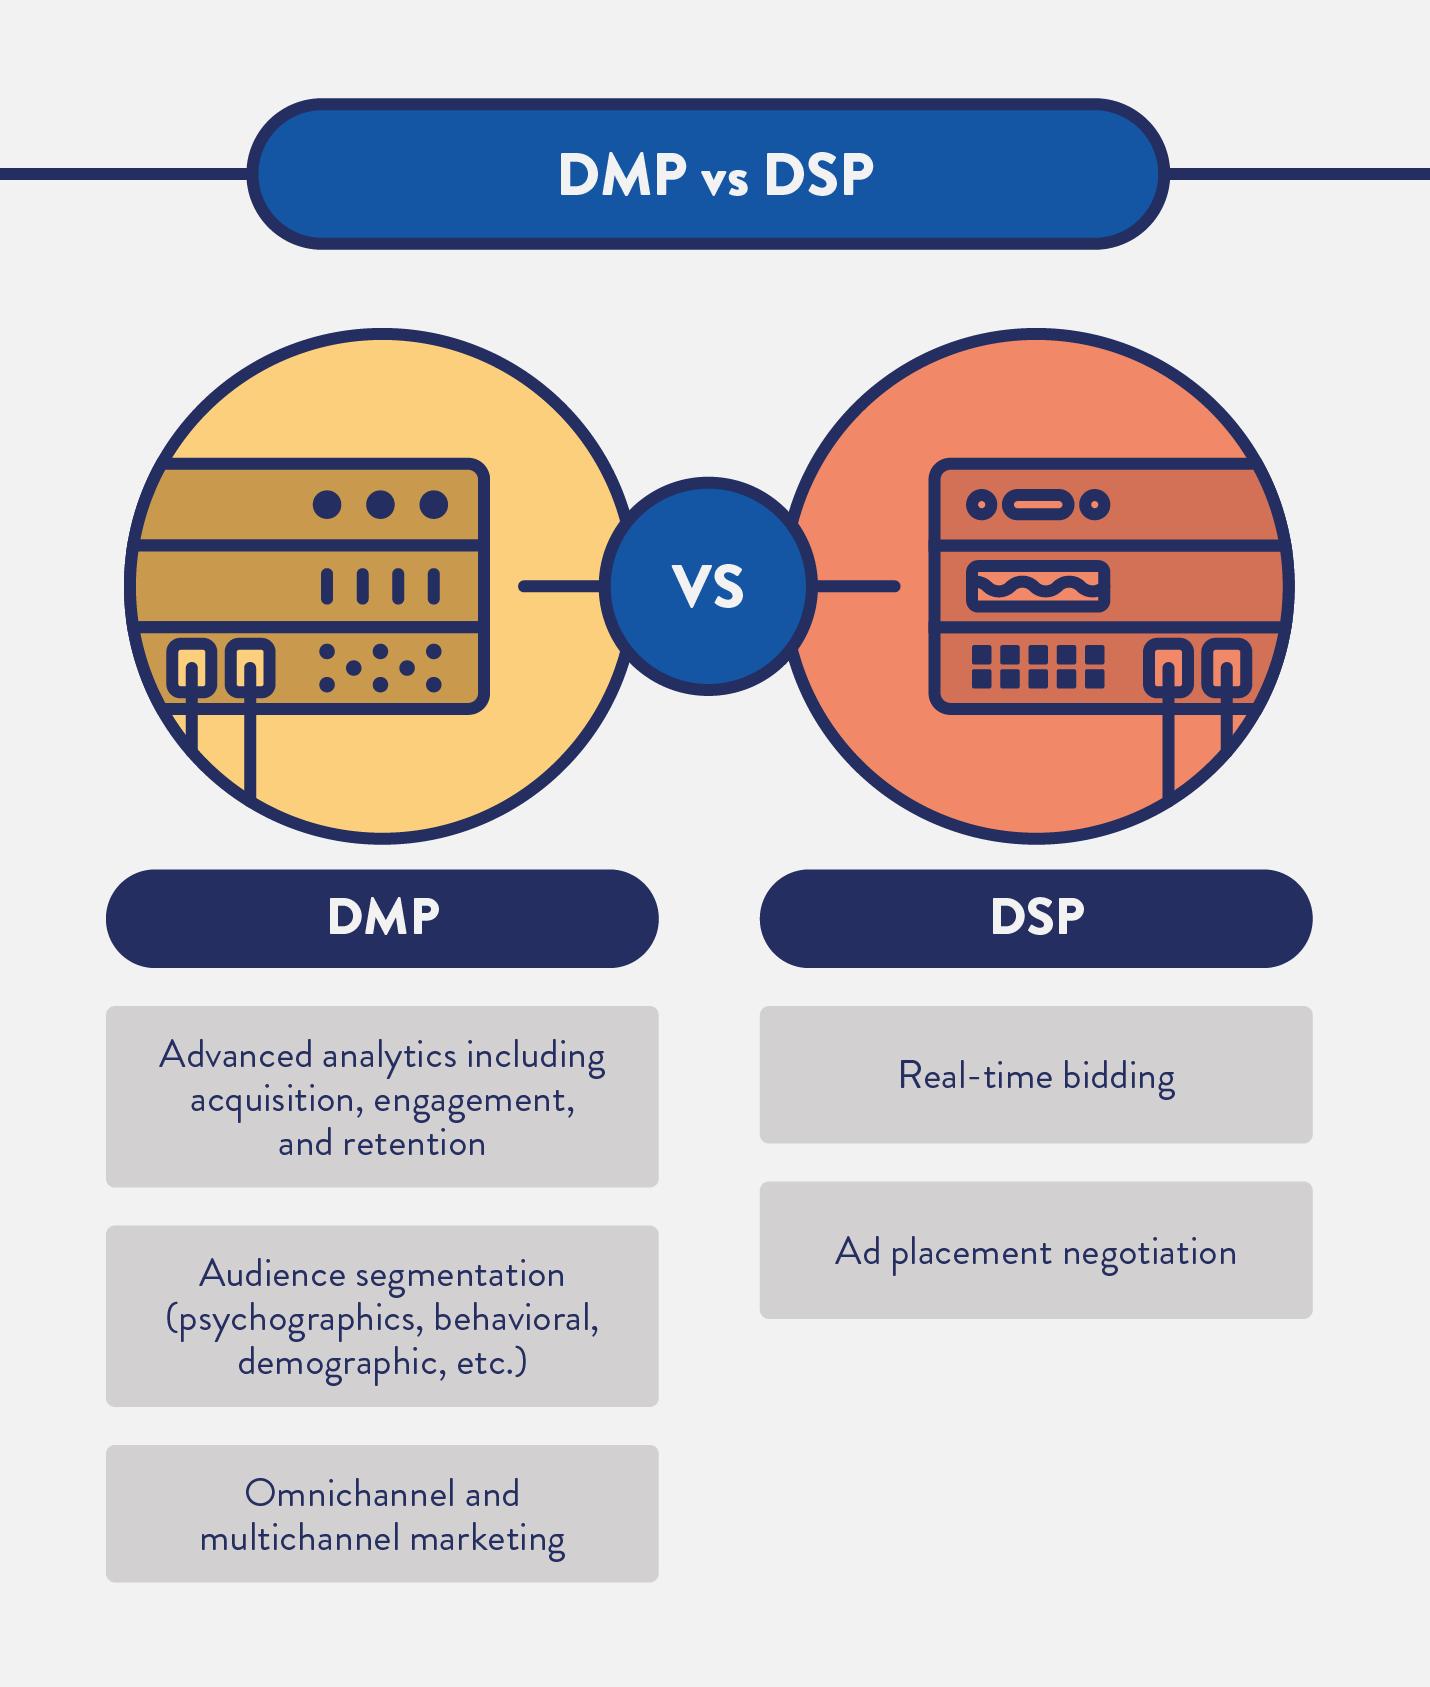 DMP vs DSP post image